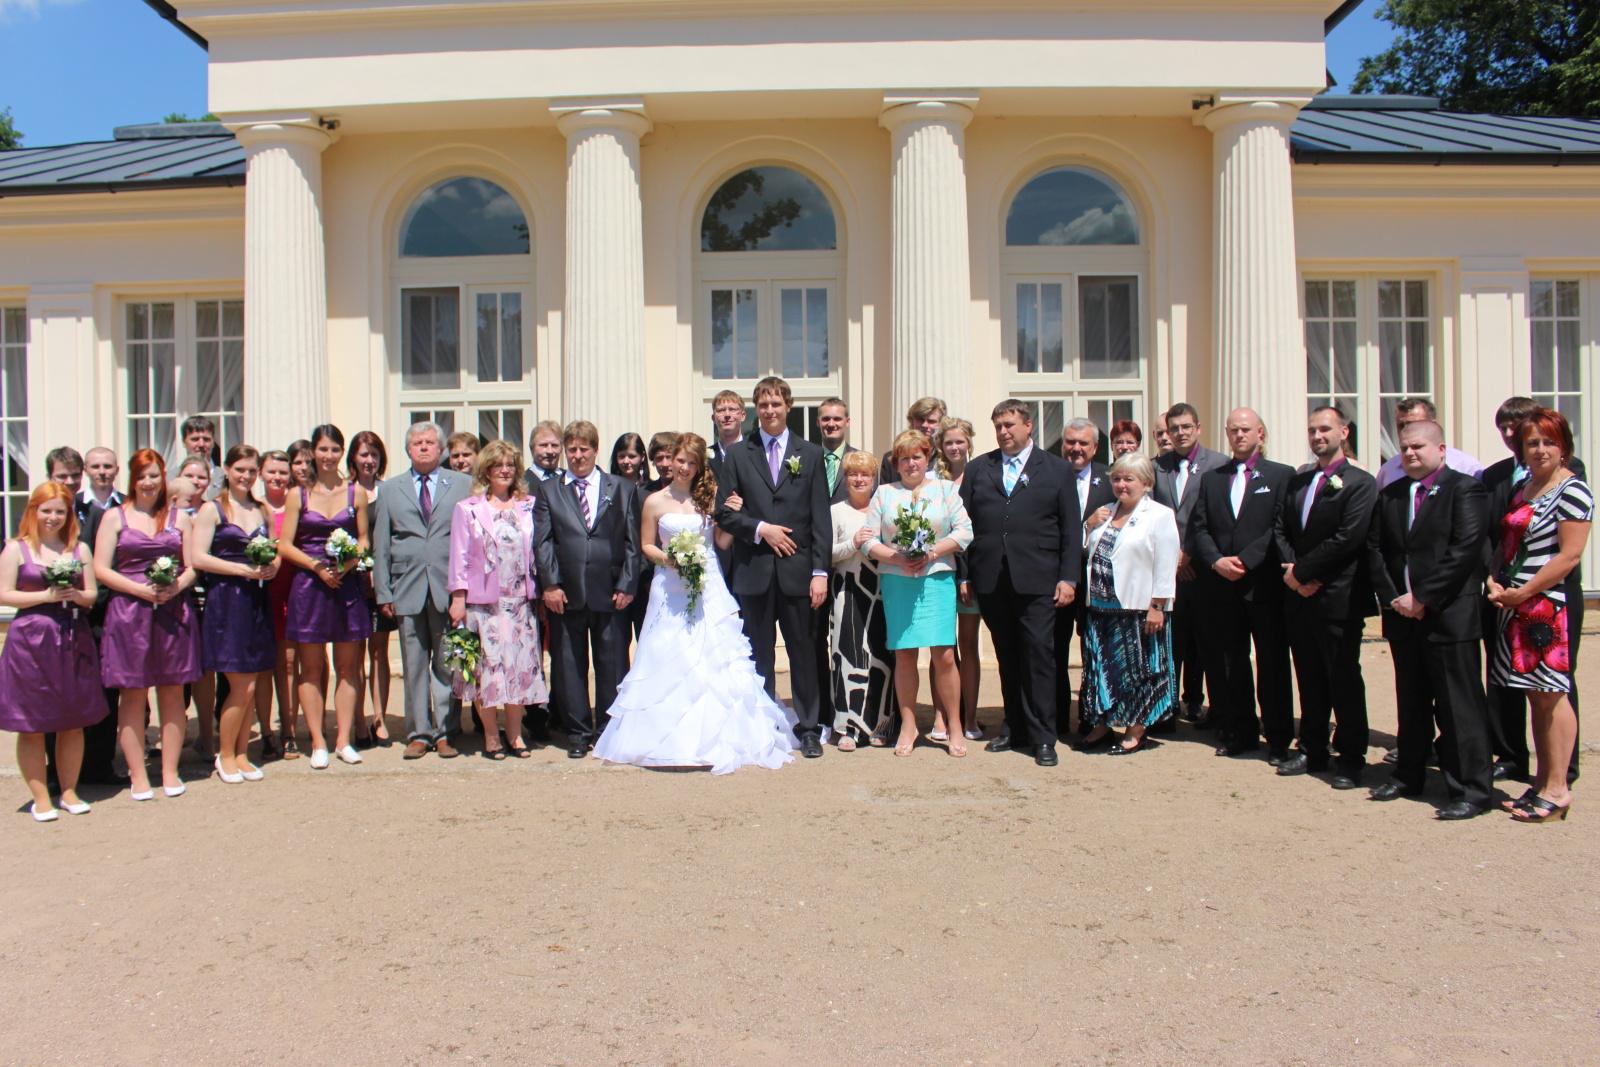 Fotografování svatby za cenu, jakou chcete?